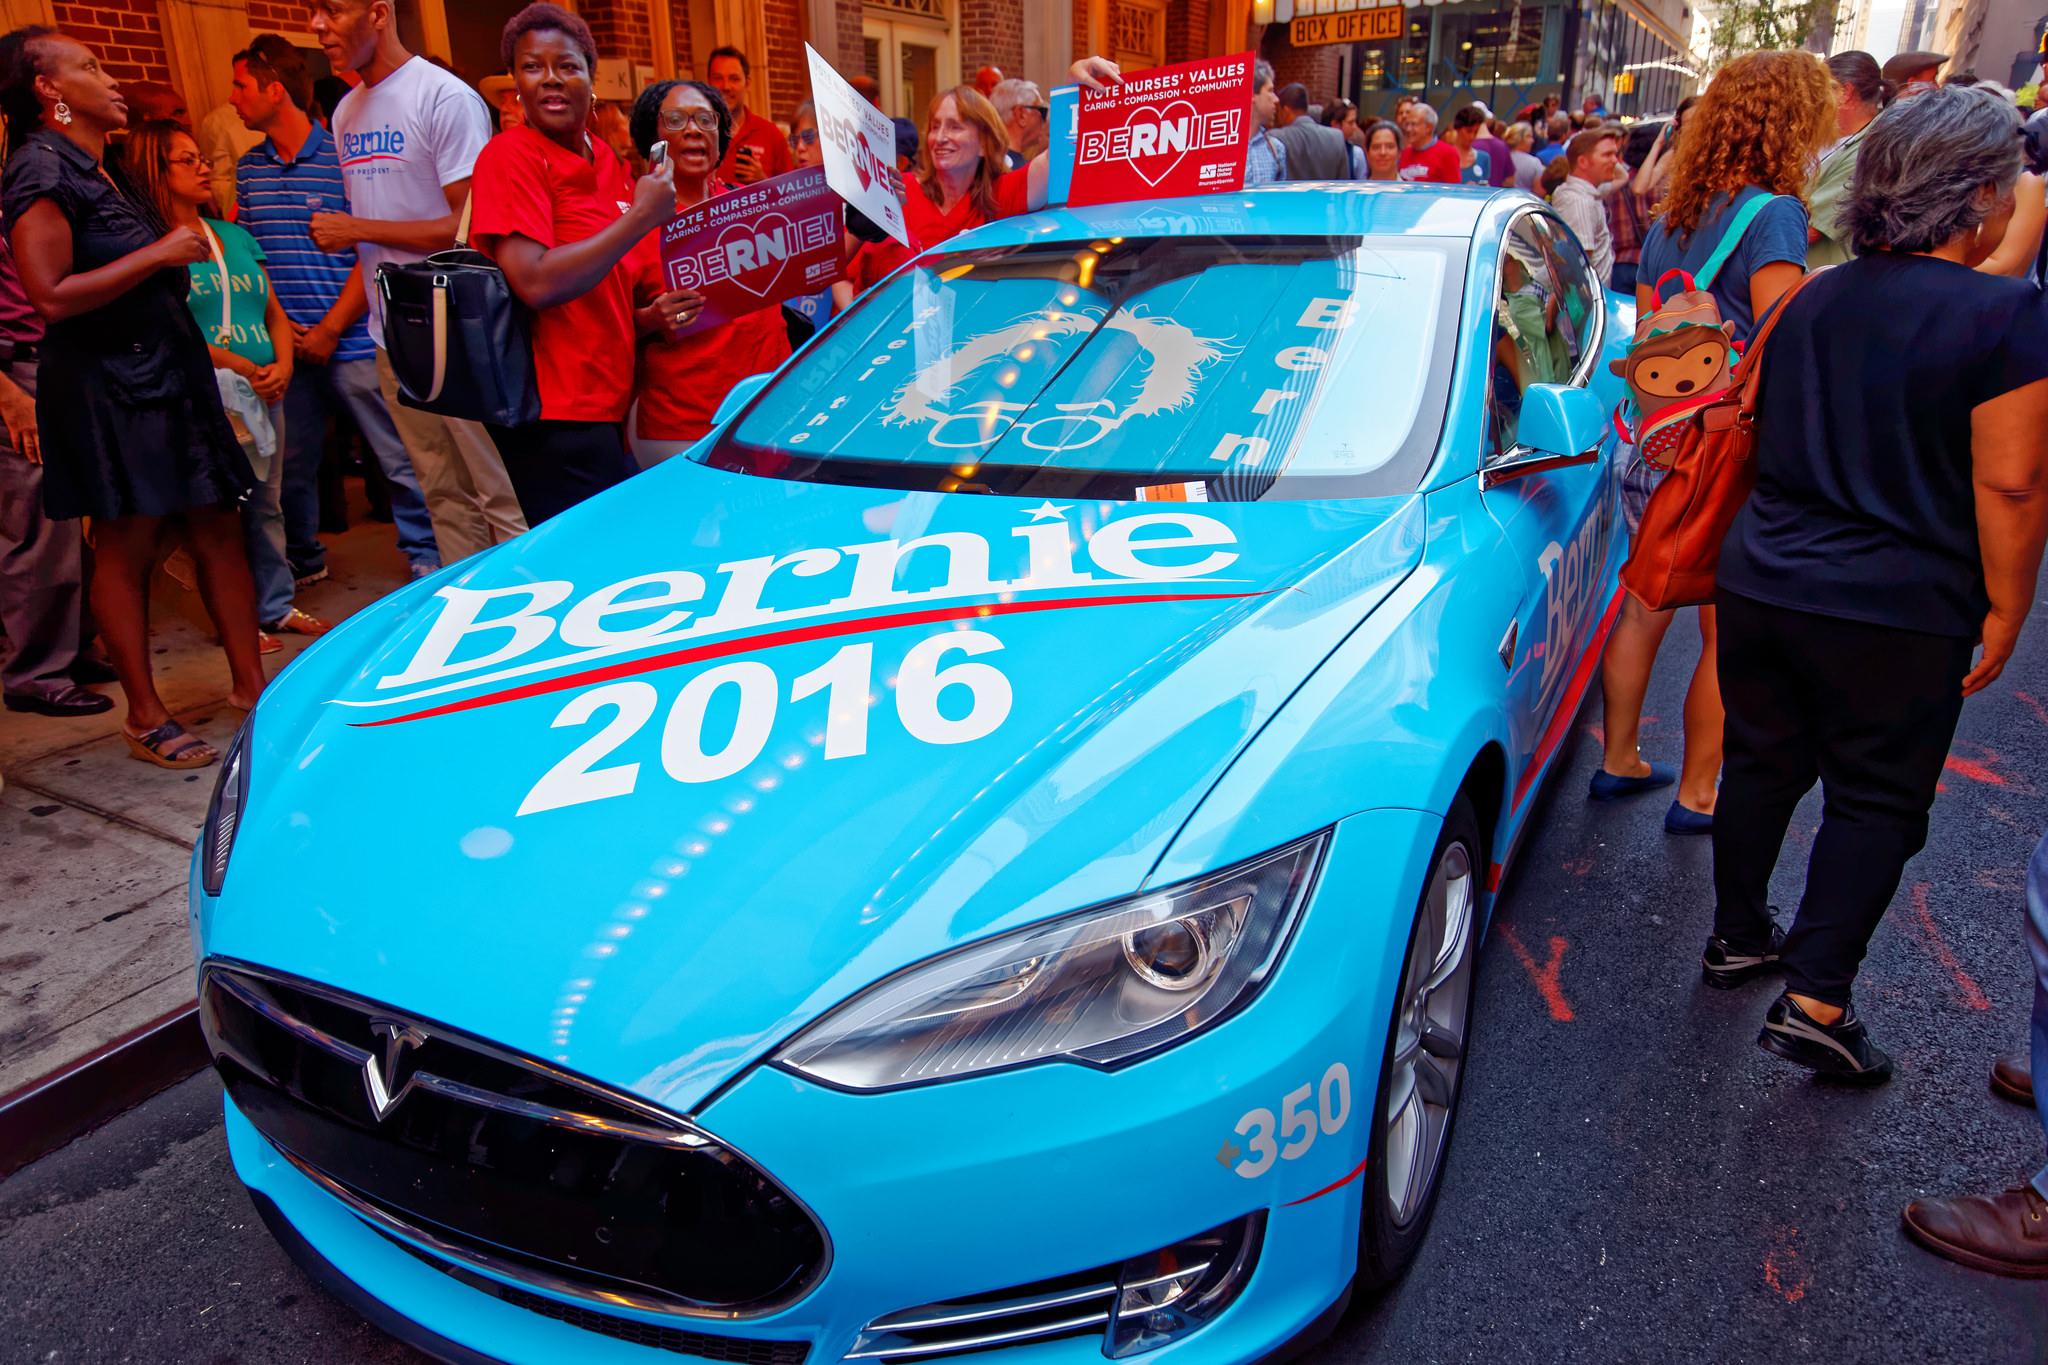 Bernieanhängare med en Tesla, som inte tillverkas i klassiska amerikanska bilstaden Detroit, Michigan  utan i Silicon Valley. (Foto: Michael Vadon. CC BY-SA 2.0)